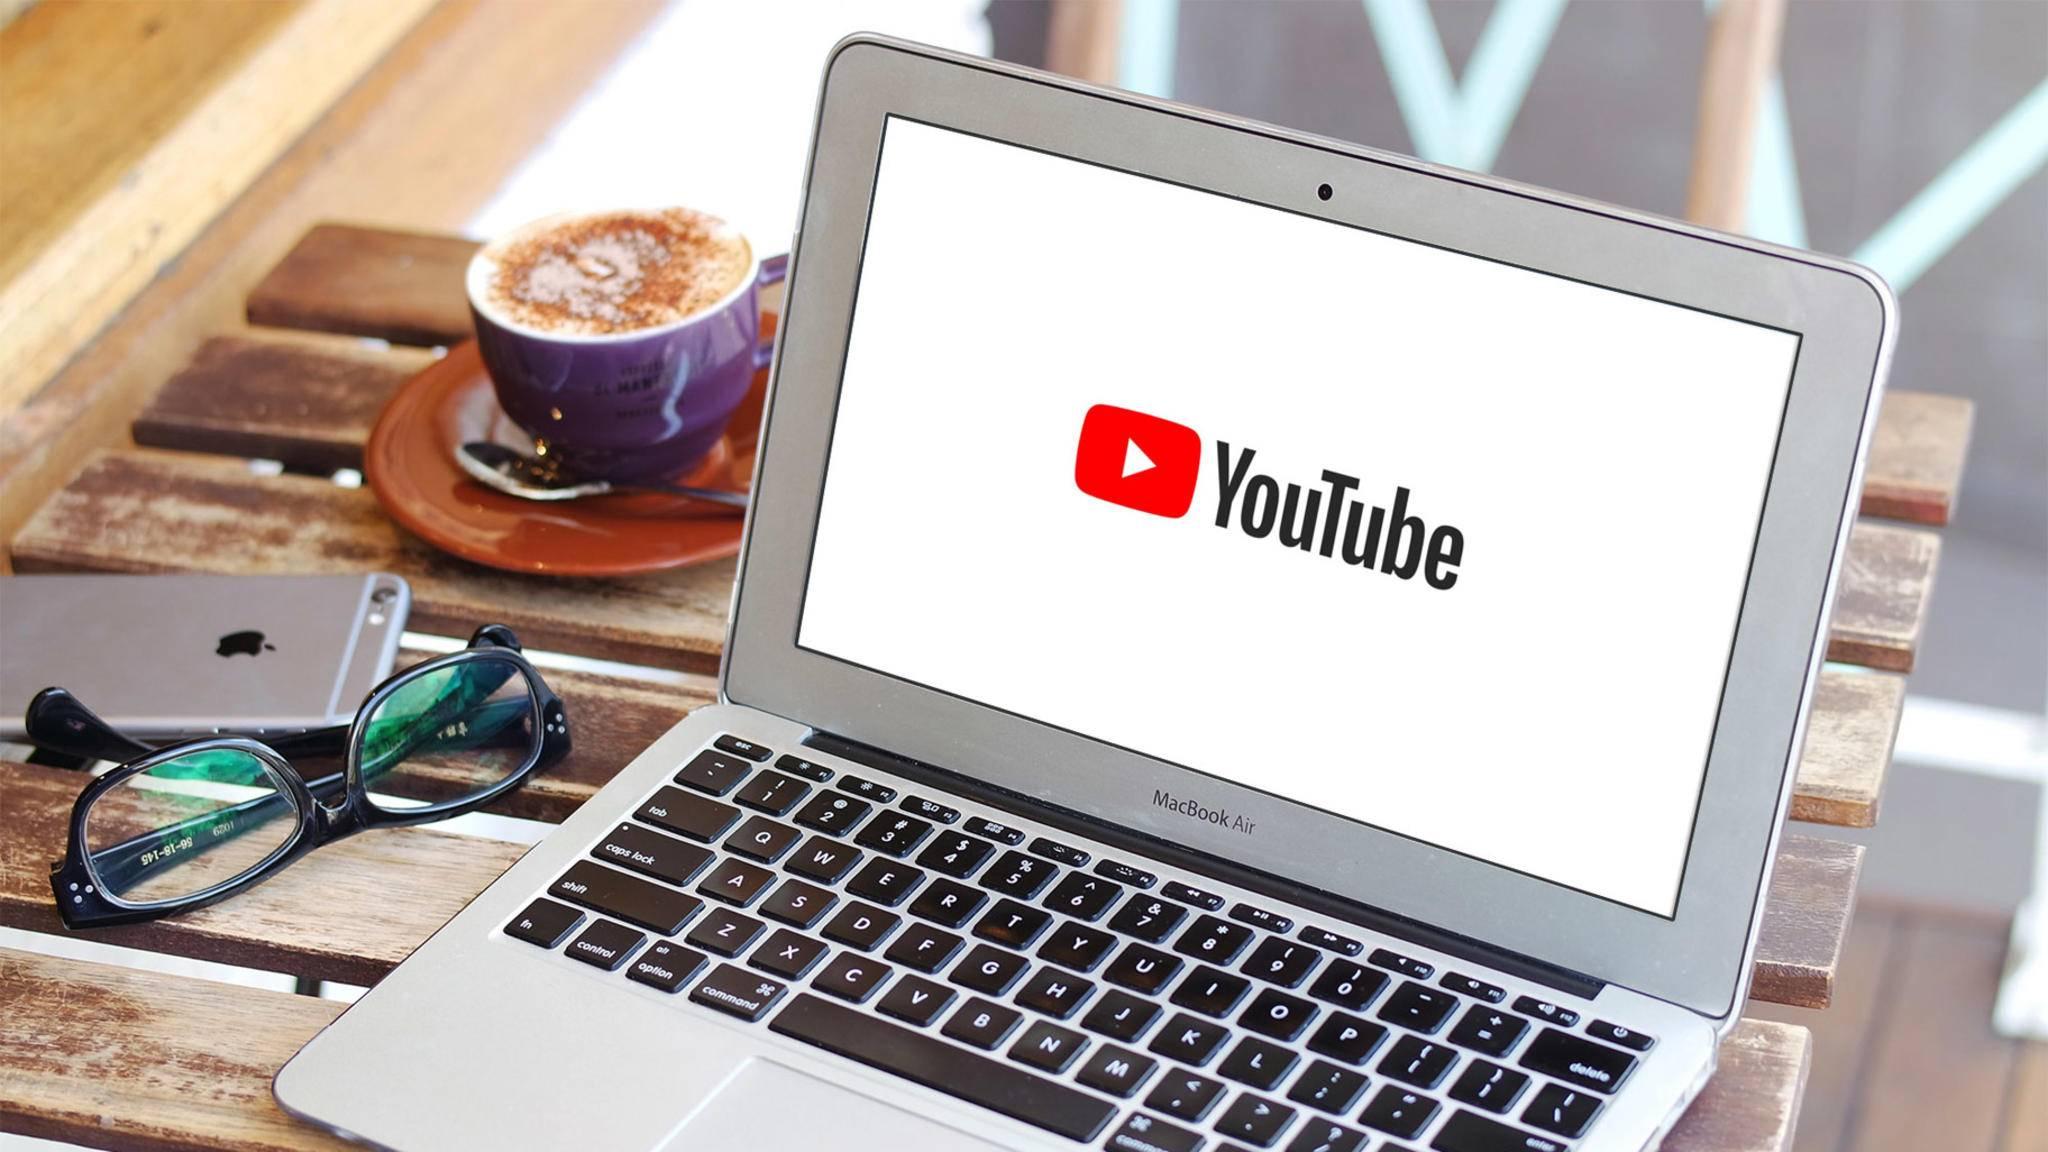 YouTube möchte es offenbar mit Spotify und Co. aufnehmen.